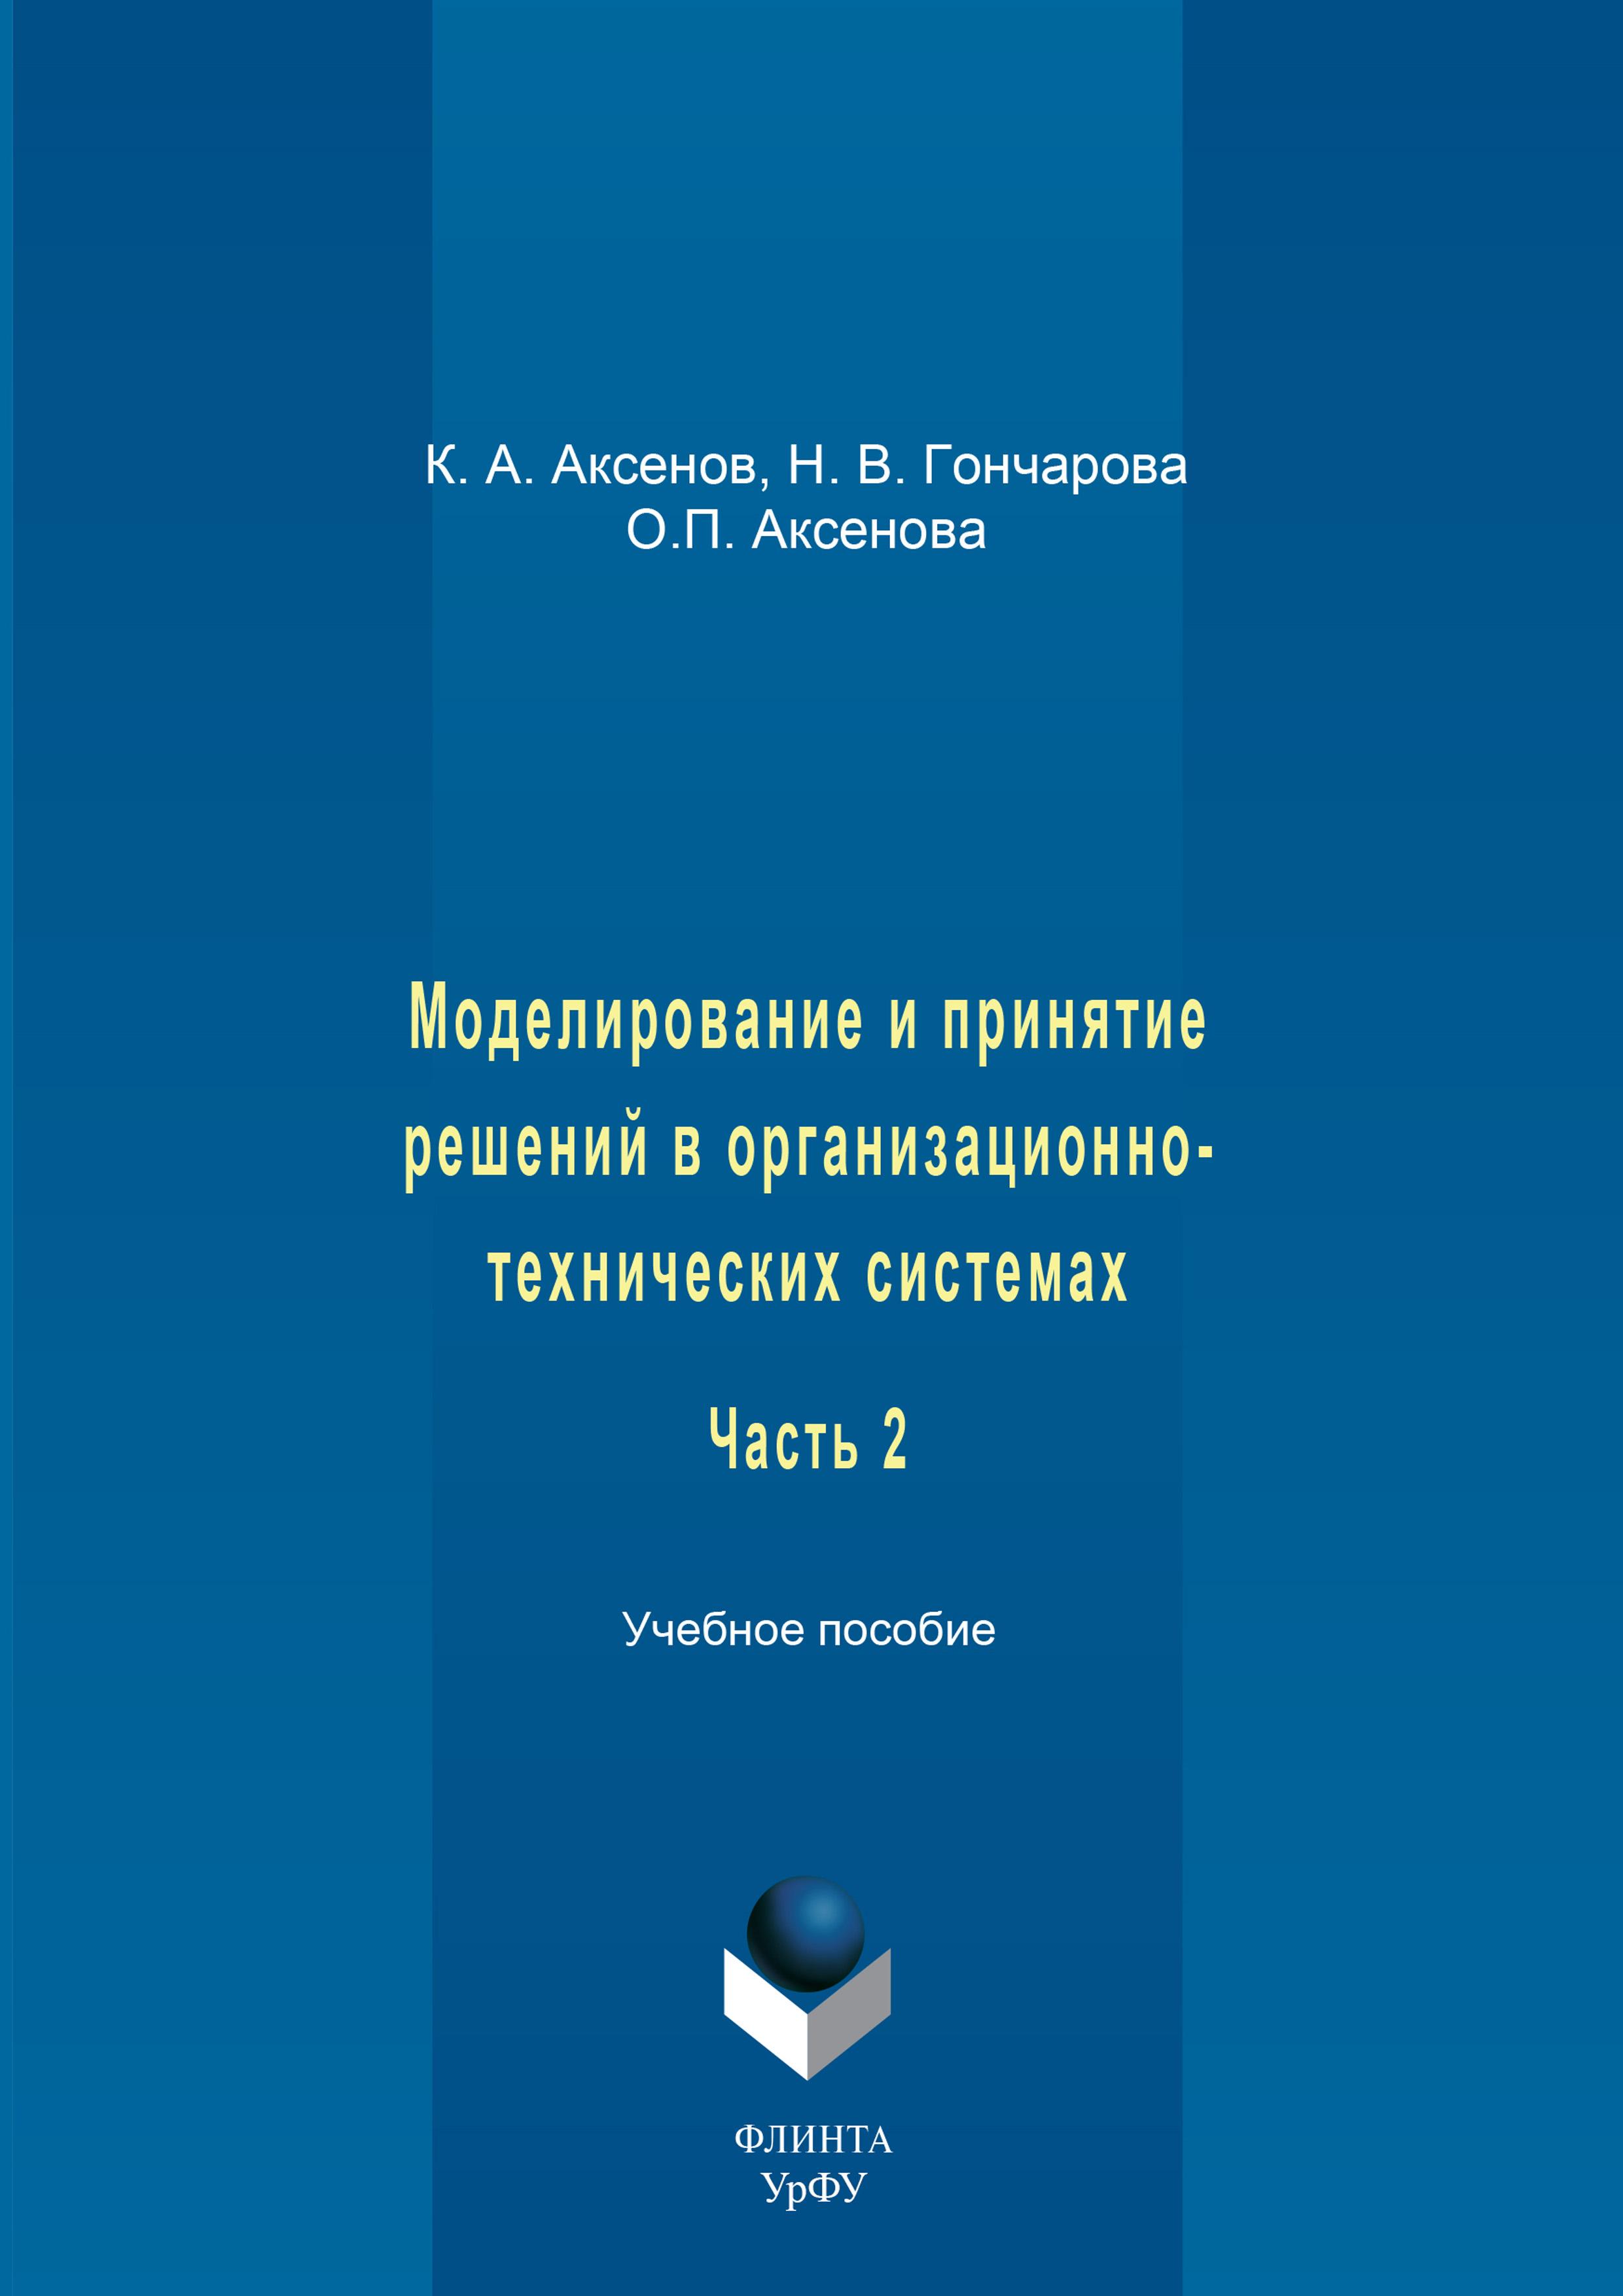 О. П. Аксенова Моделирование и принятие решений в организационно-технических системах. Учебное пособие. Часть 2